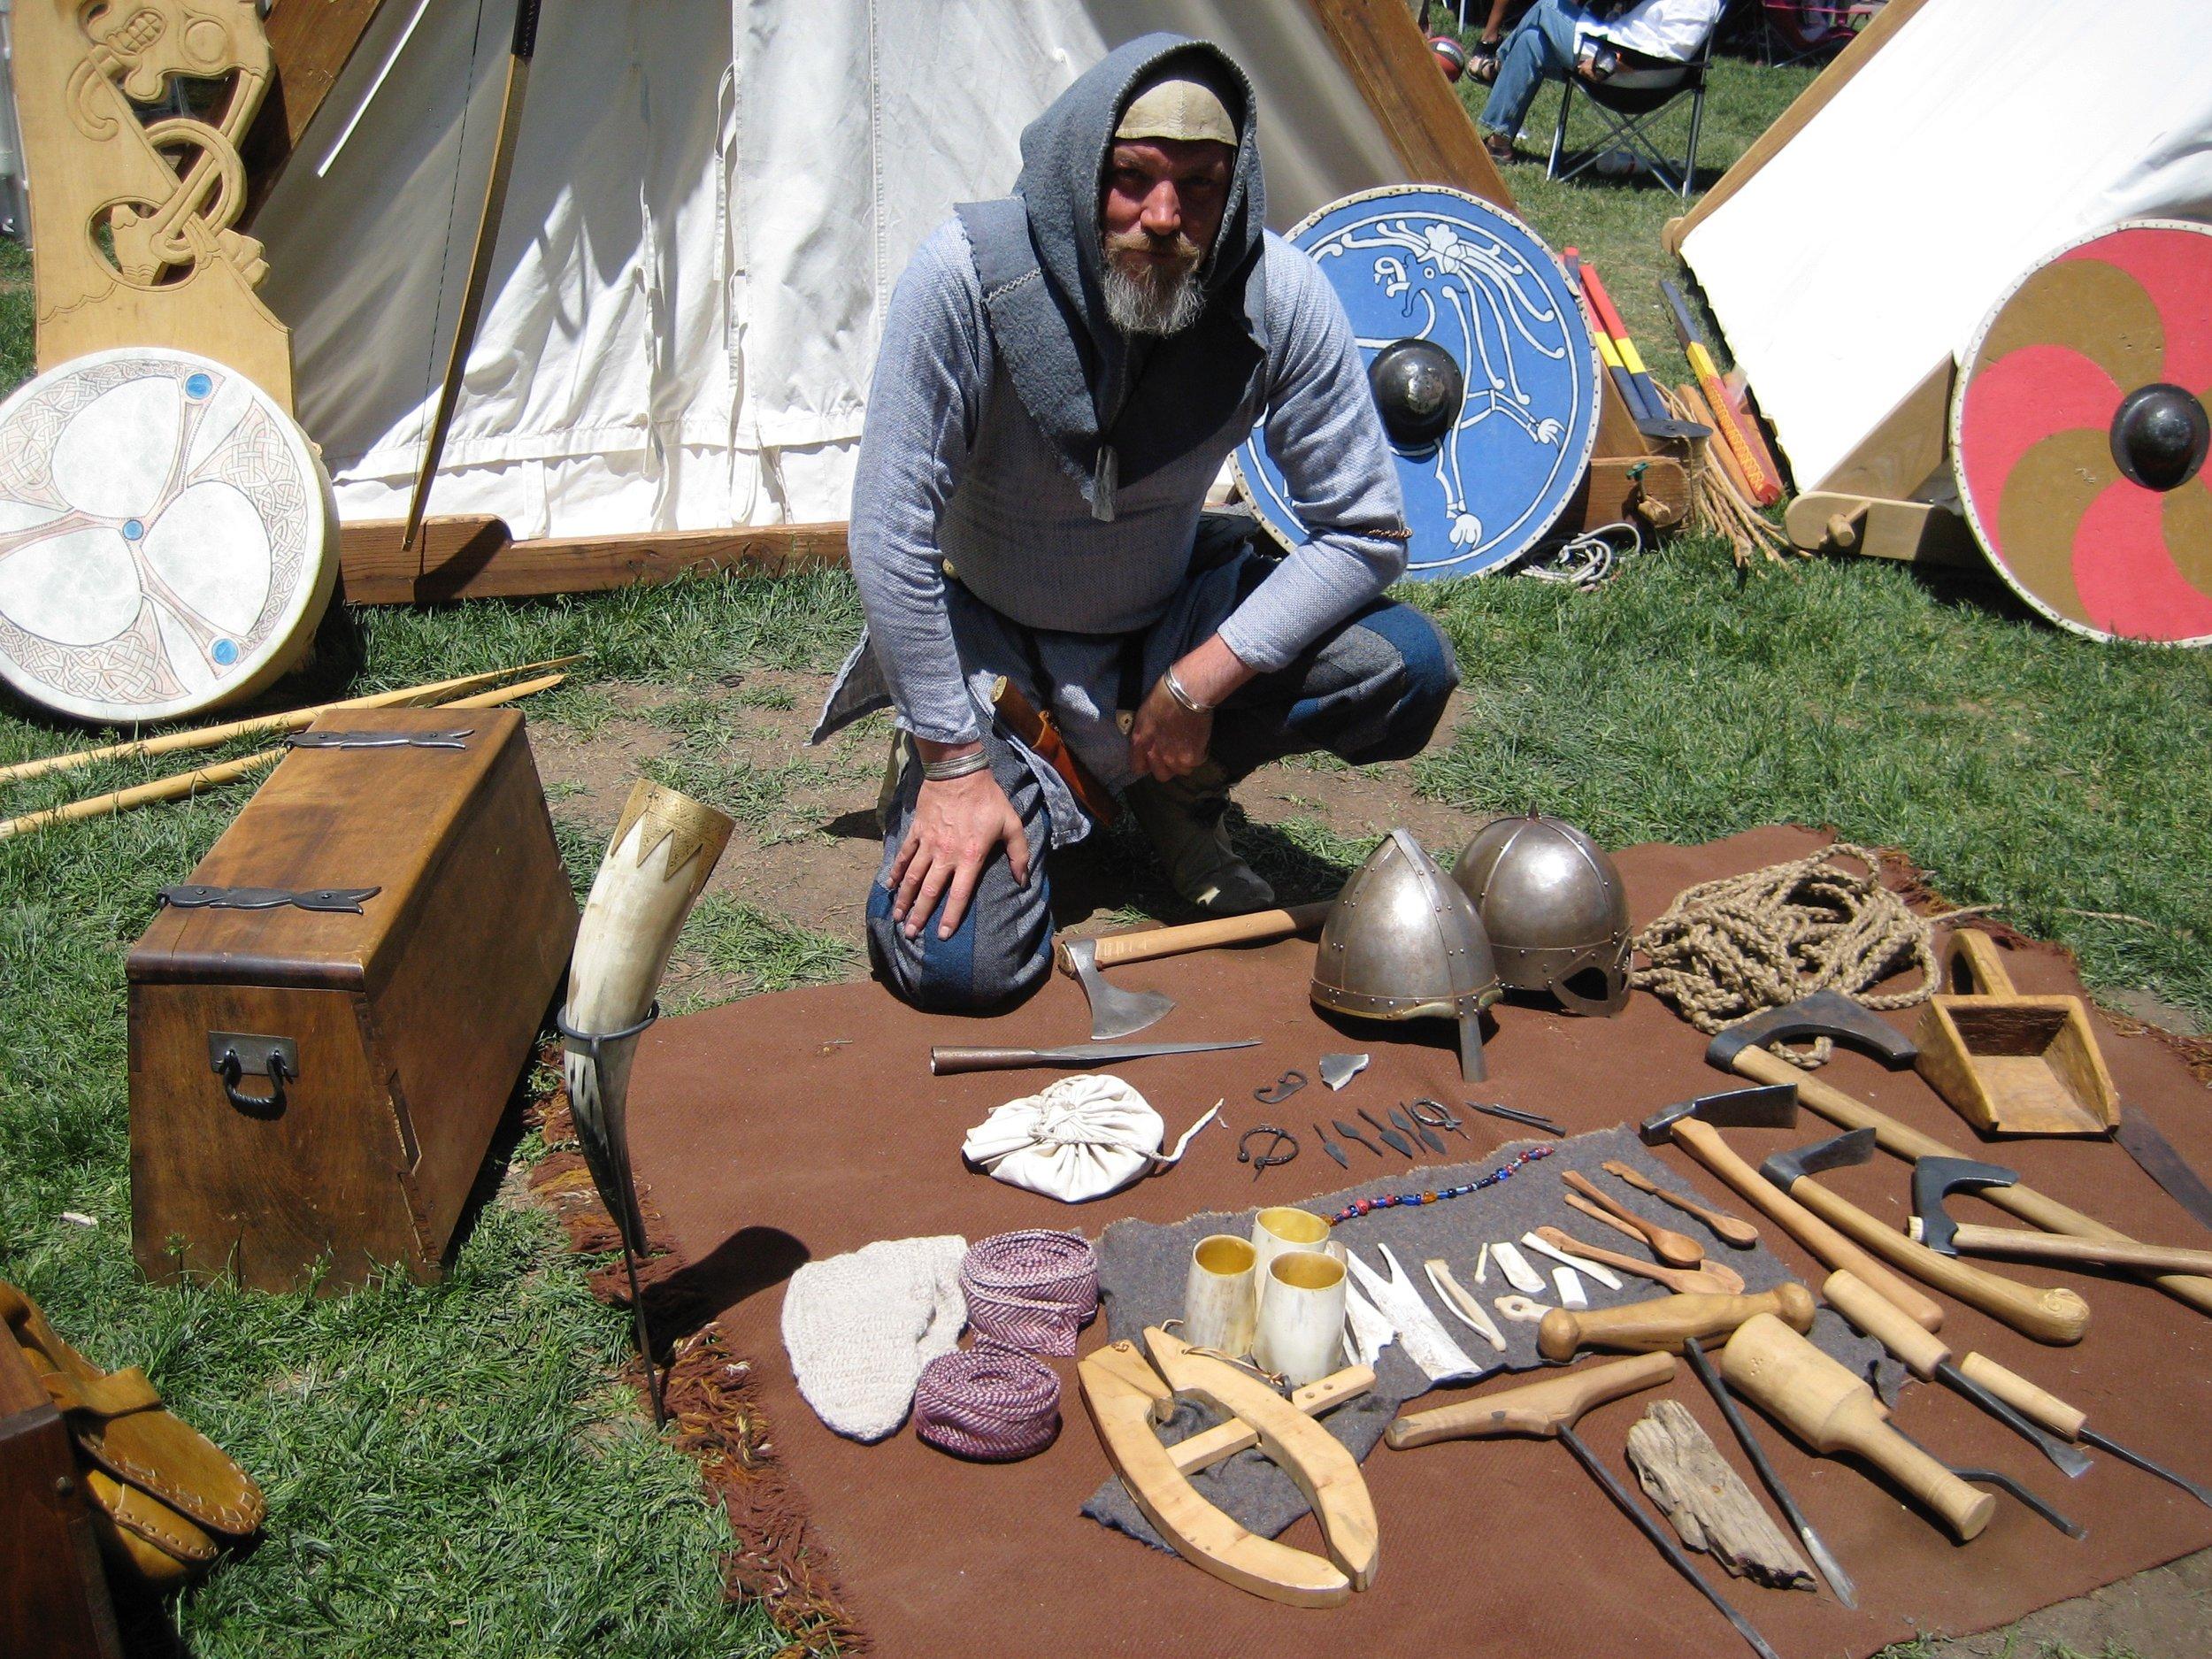 Viking Display.jpg